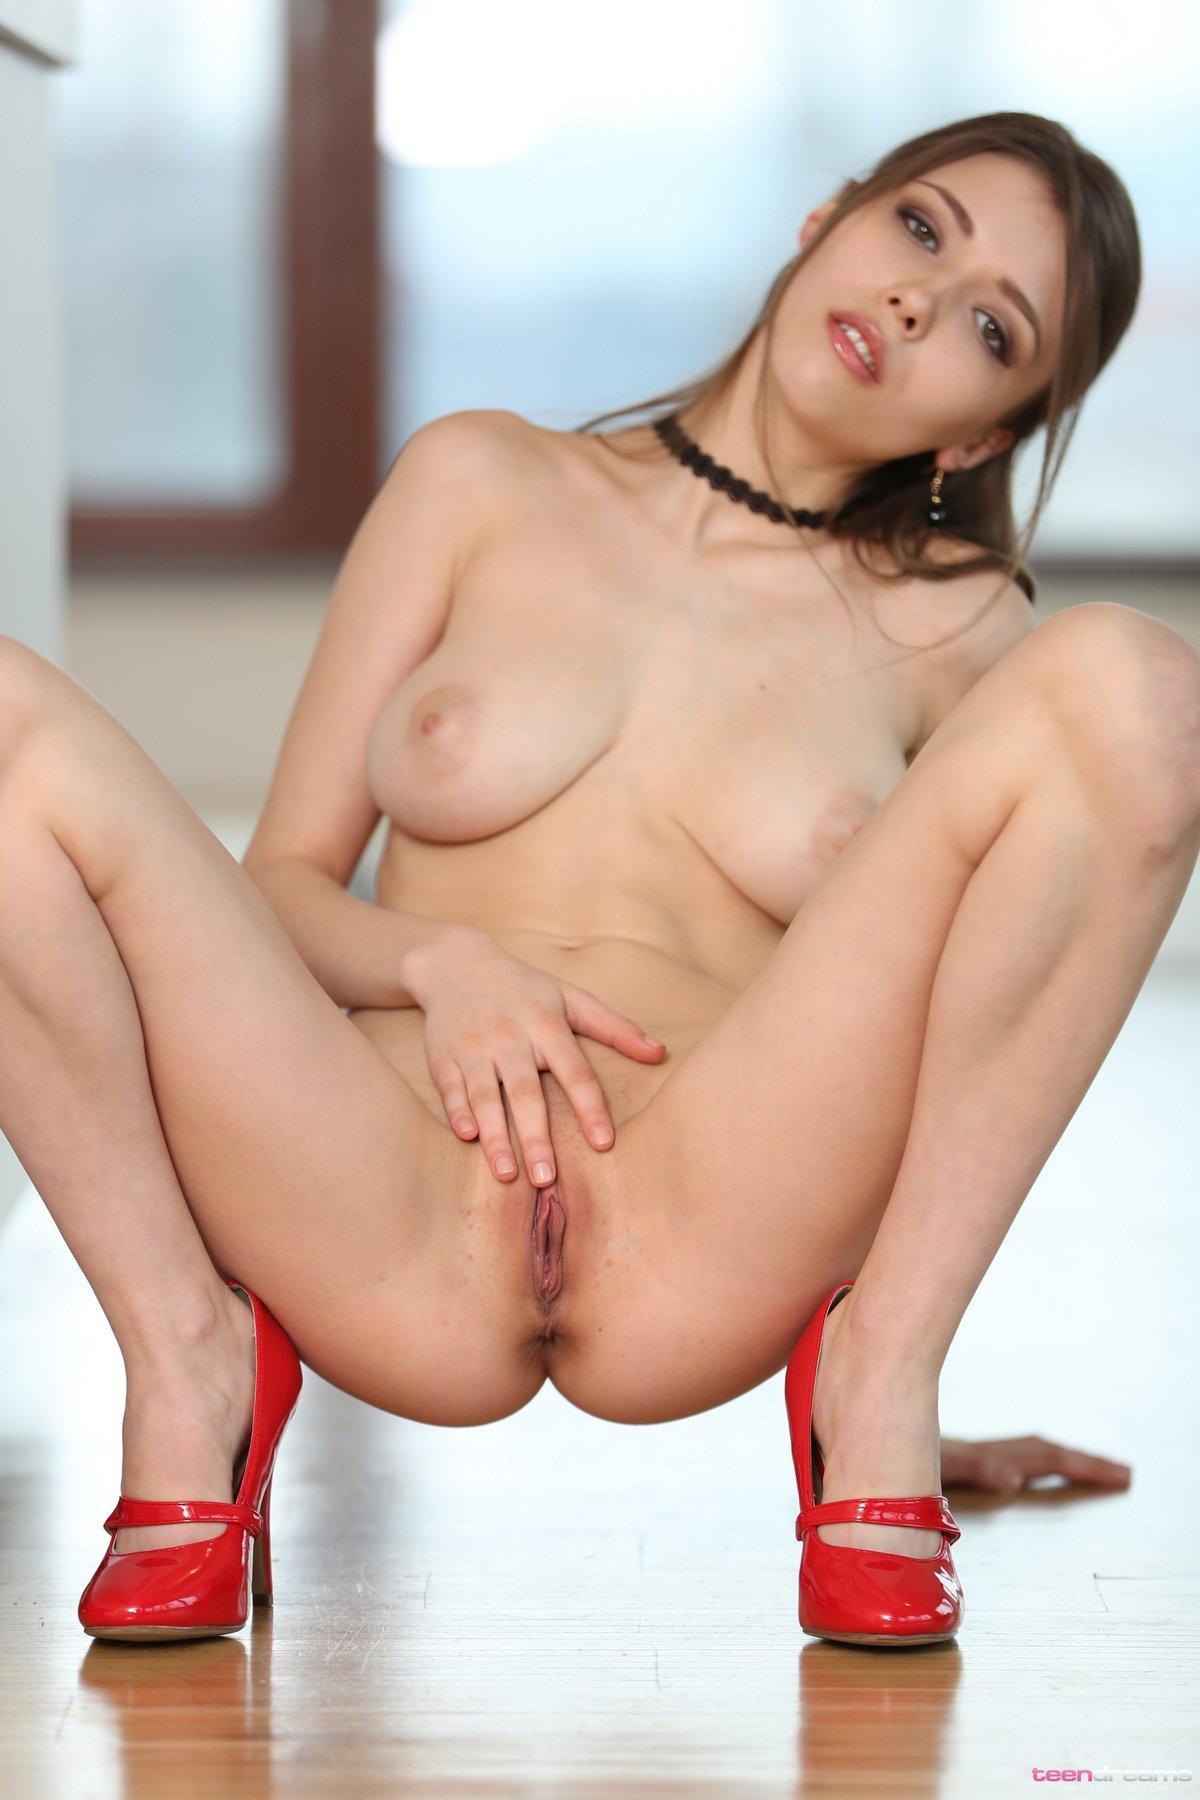 Секс с девушкой в красных туфельках